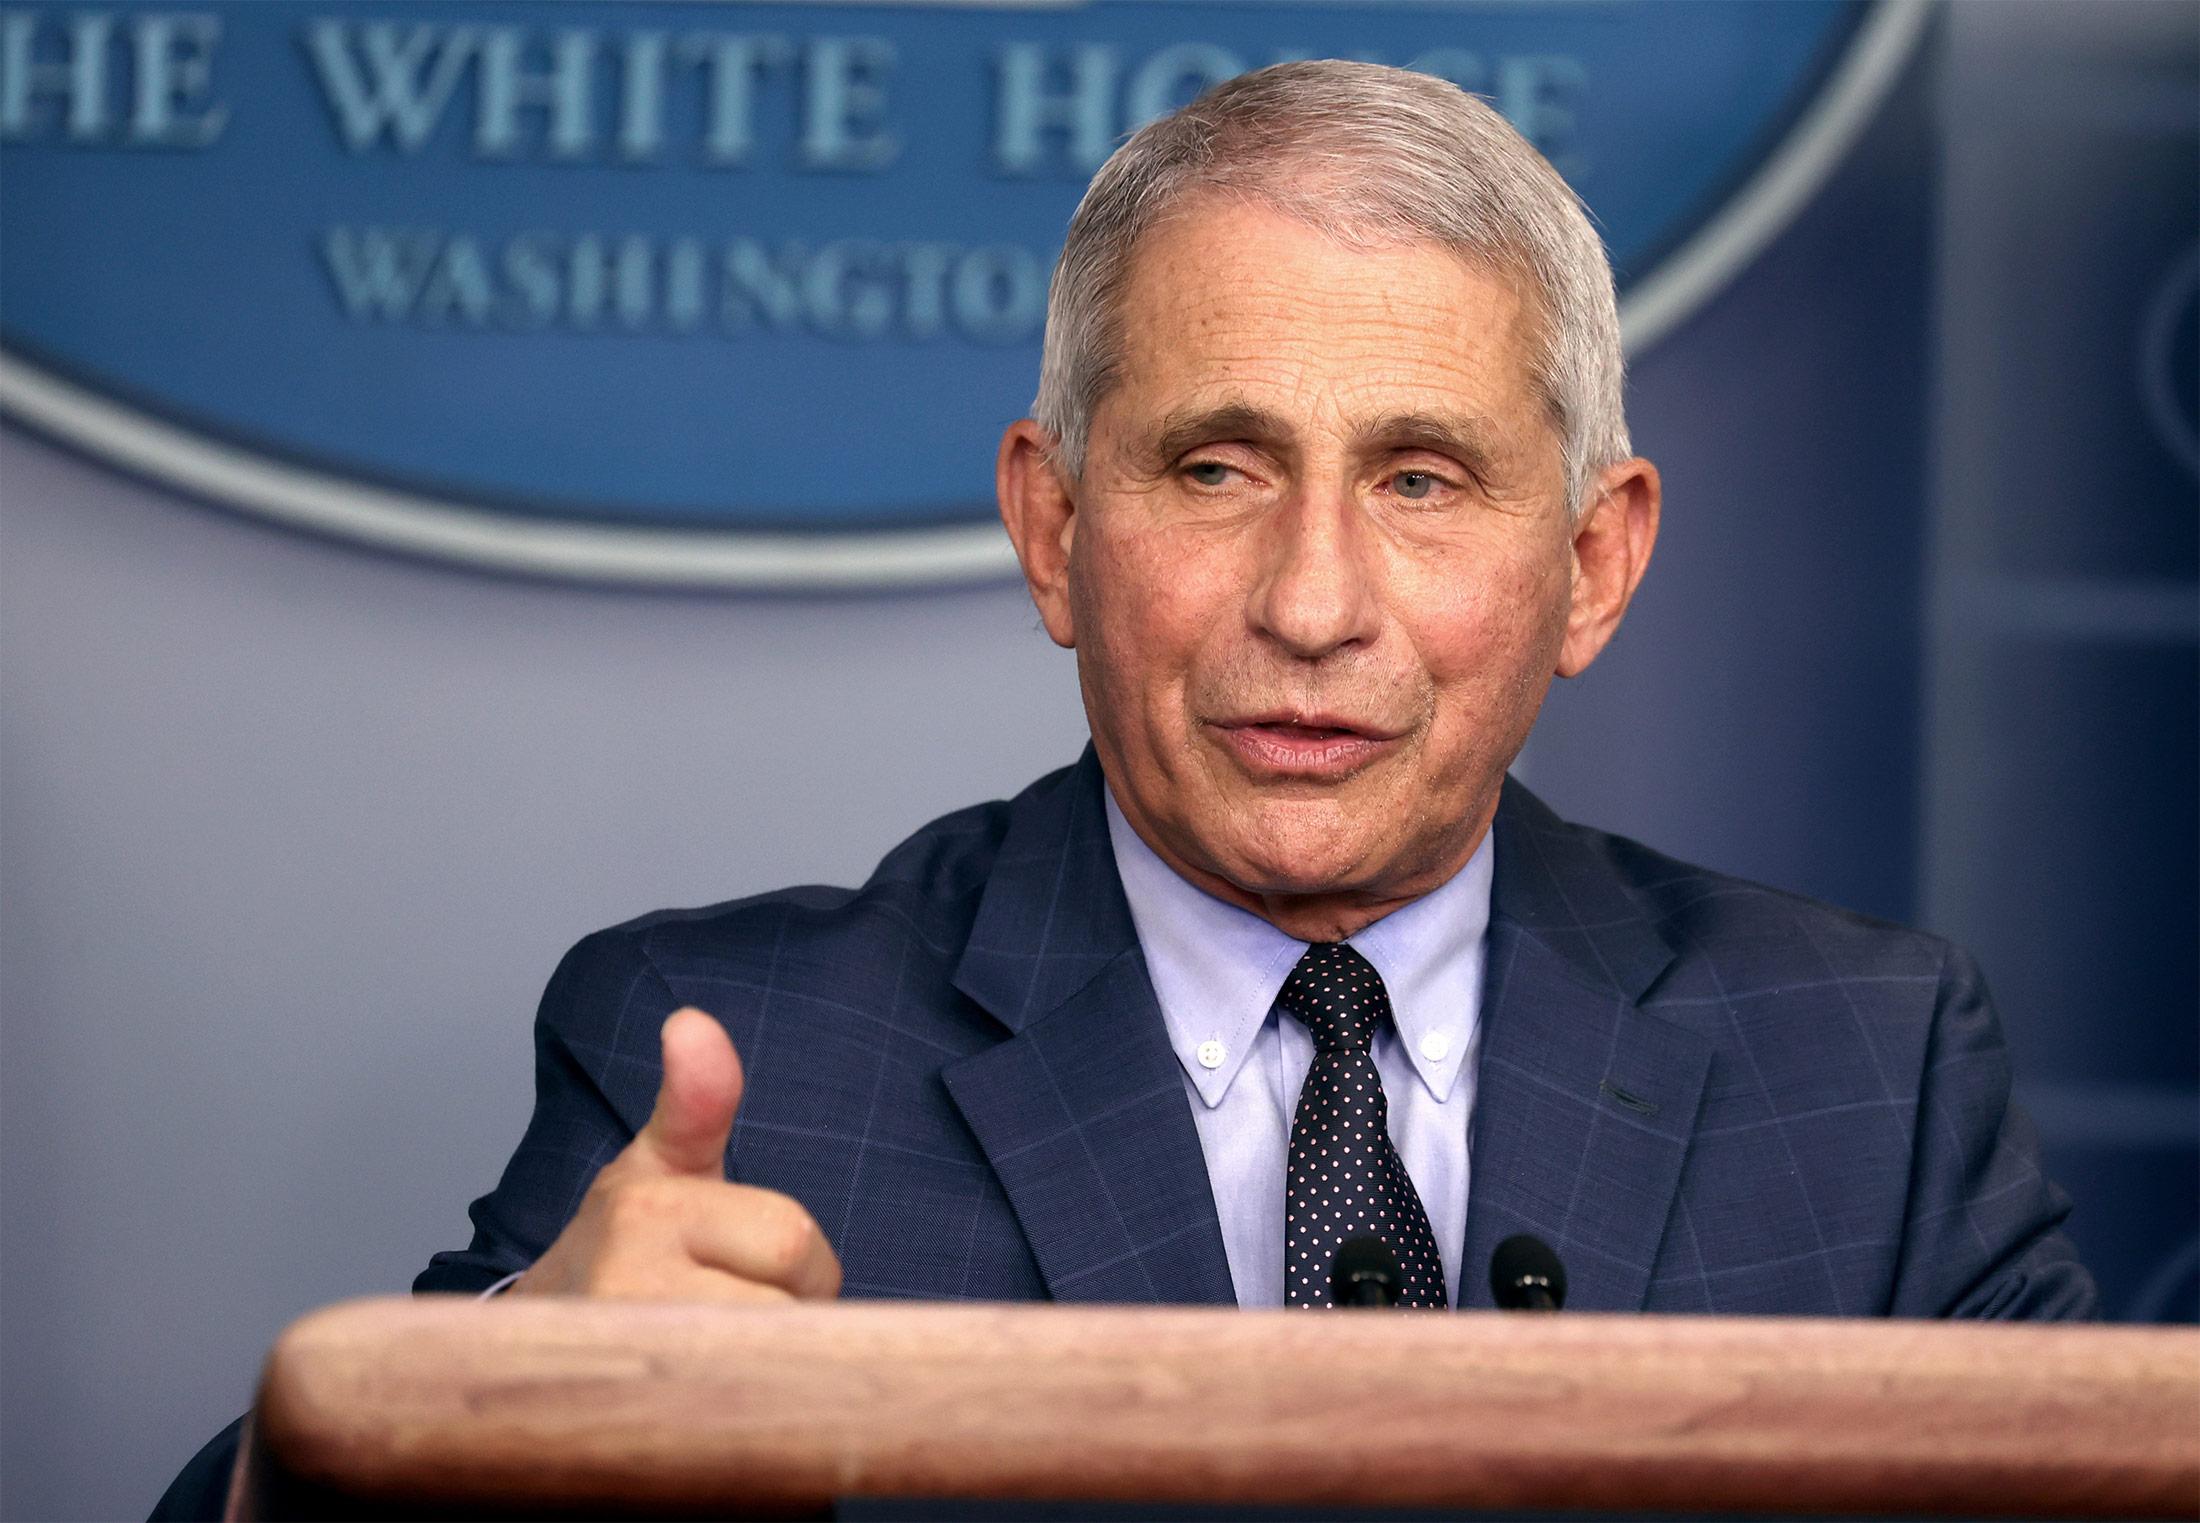 冠状病毒特别工作组成员在白宫举行简报